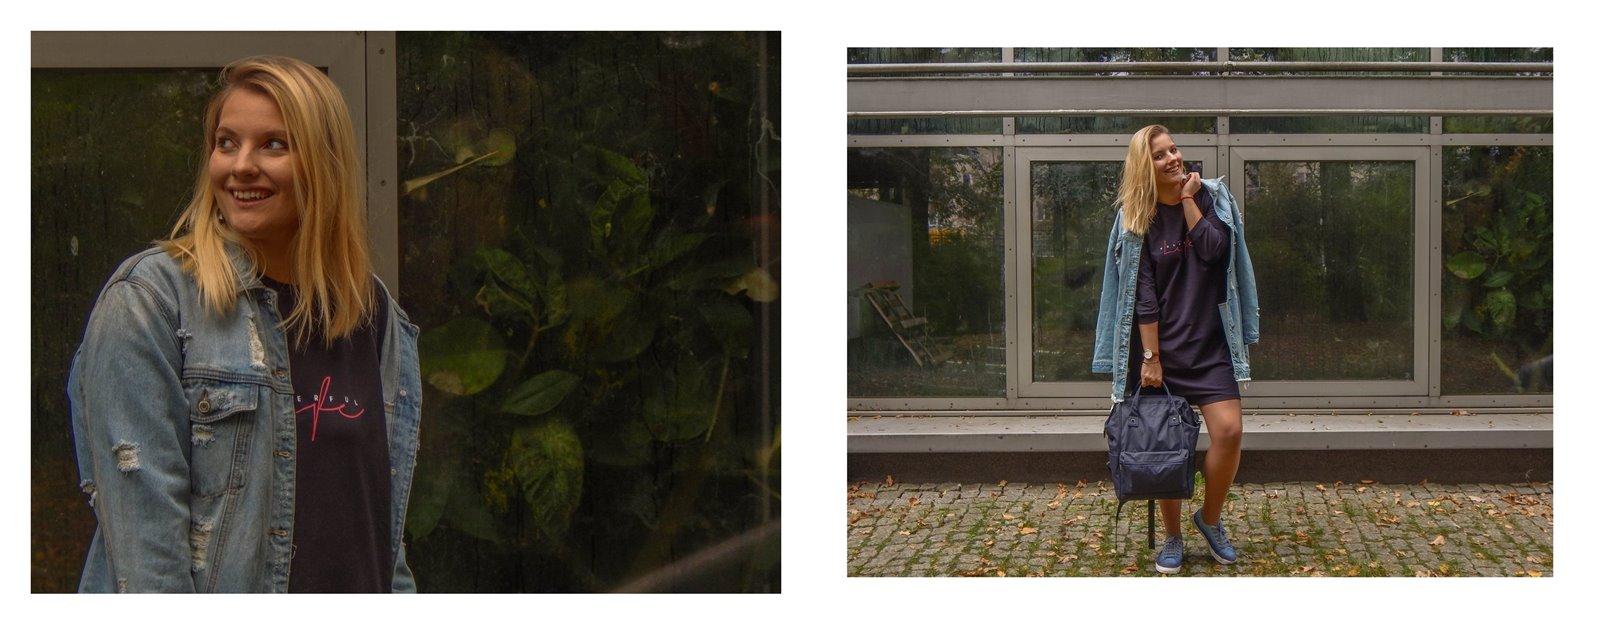 12A volcano sportowe sukienki dla dorosłych dzieci jesienne stylizacje do pracy do szkoły na uczelnię blondynka blog łódź moda styl lifestyle blogerki z łodzi współpraca blog pasja